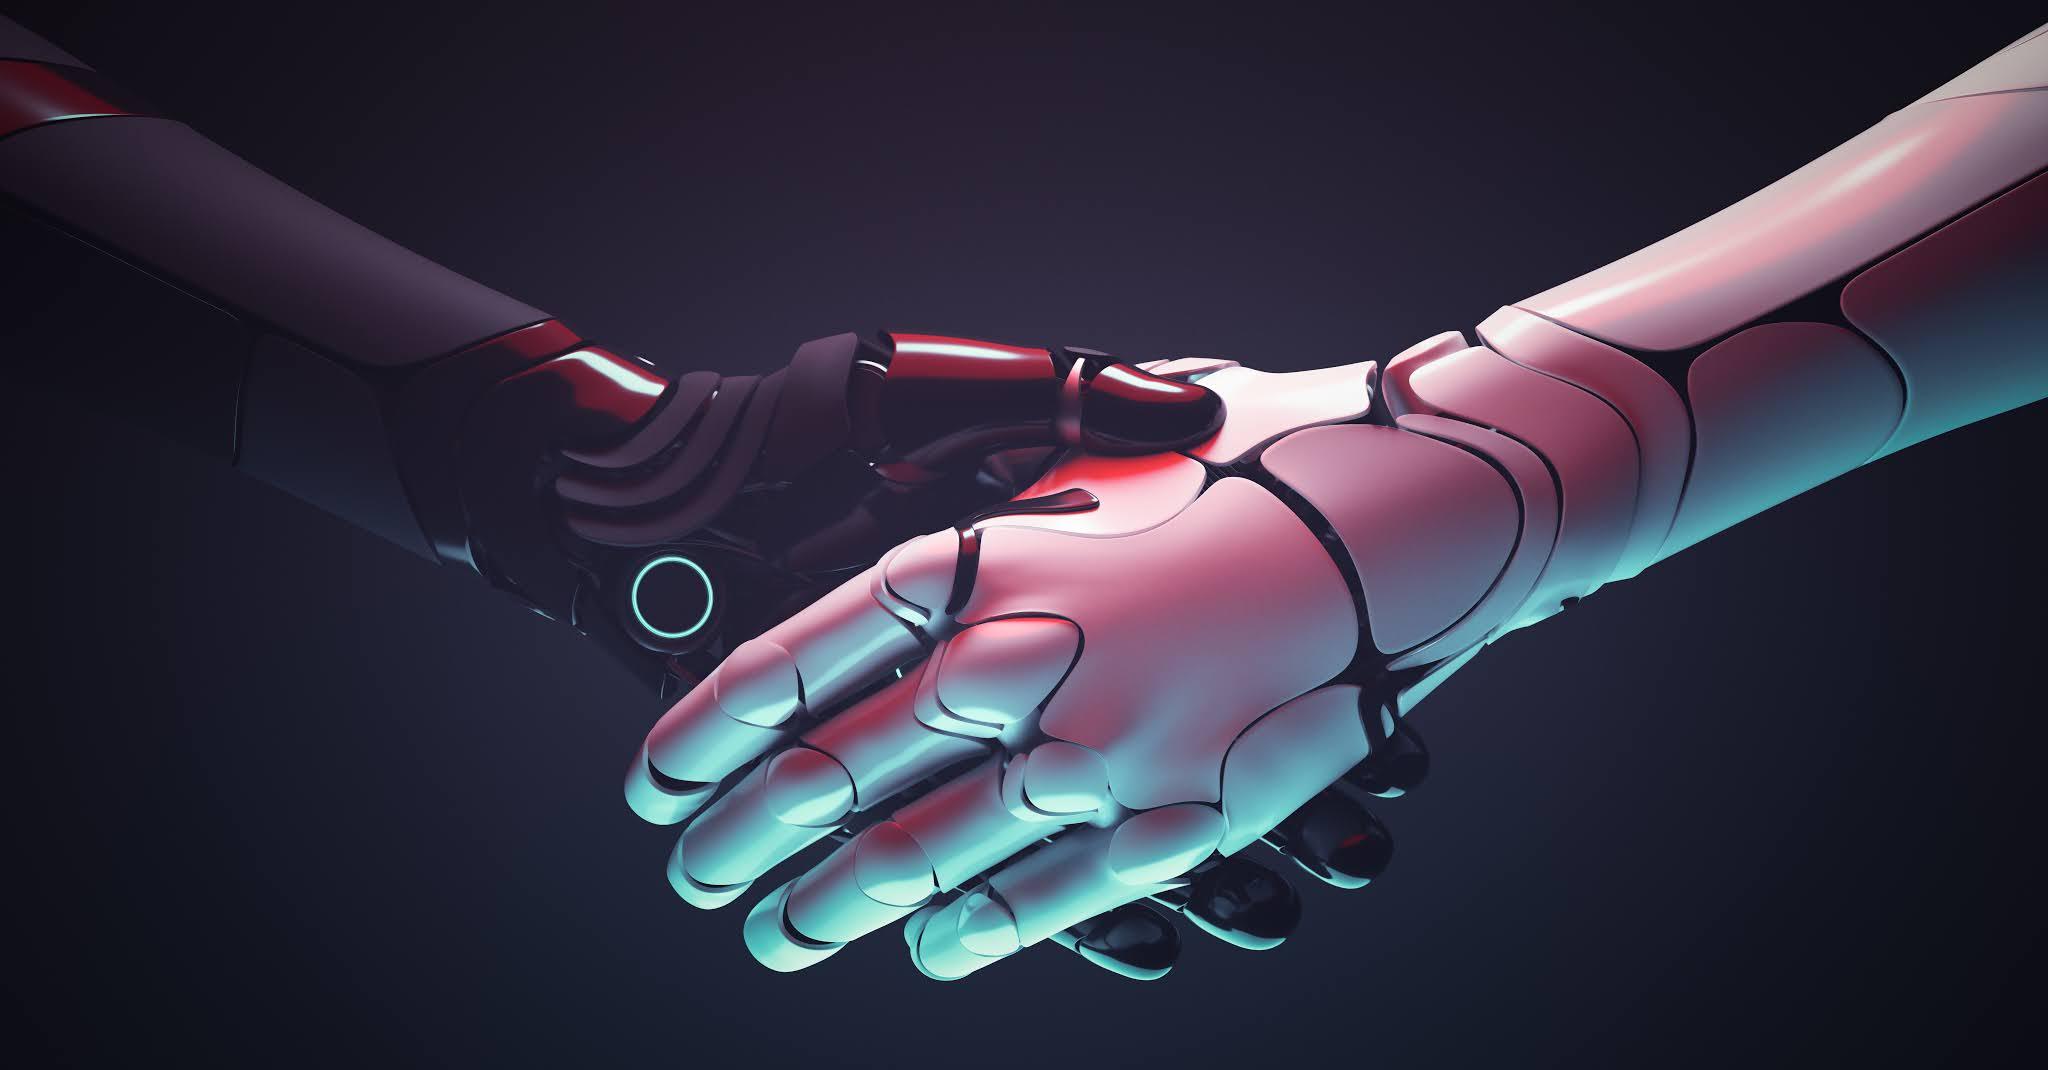 دراسة: المؤسسات الخليجية تتمتع بمستوى عال من النضج في الذكاء الاصطناعي المسؤول